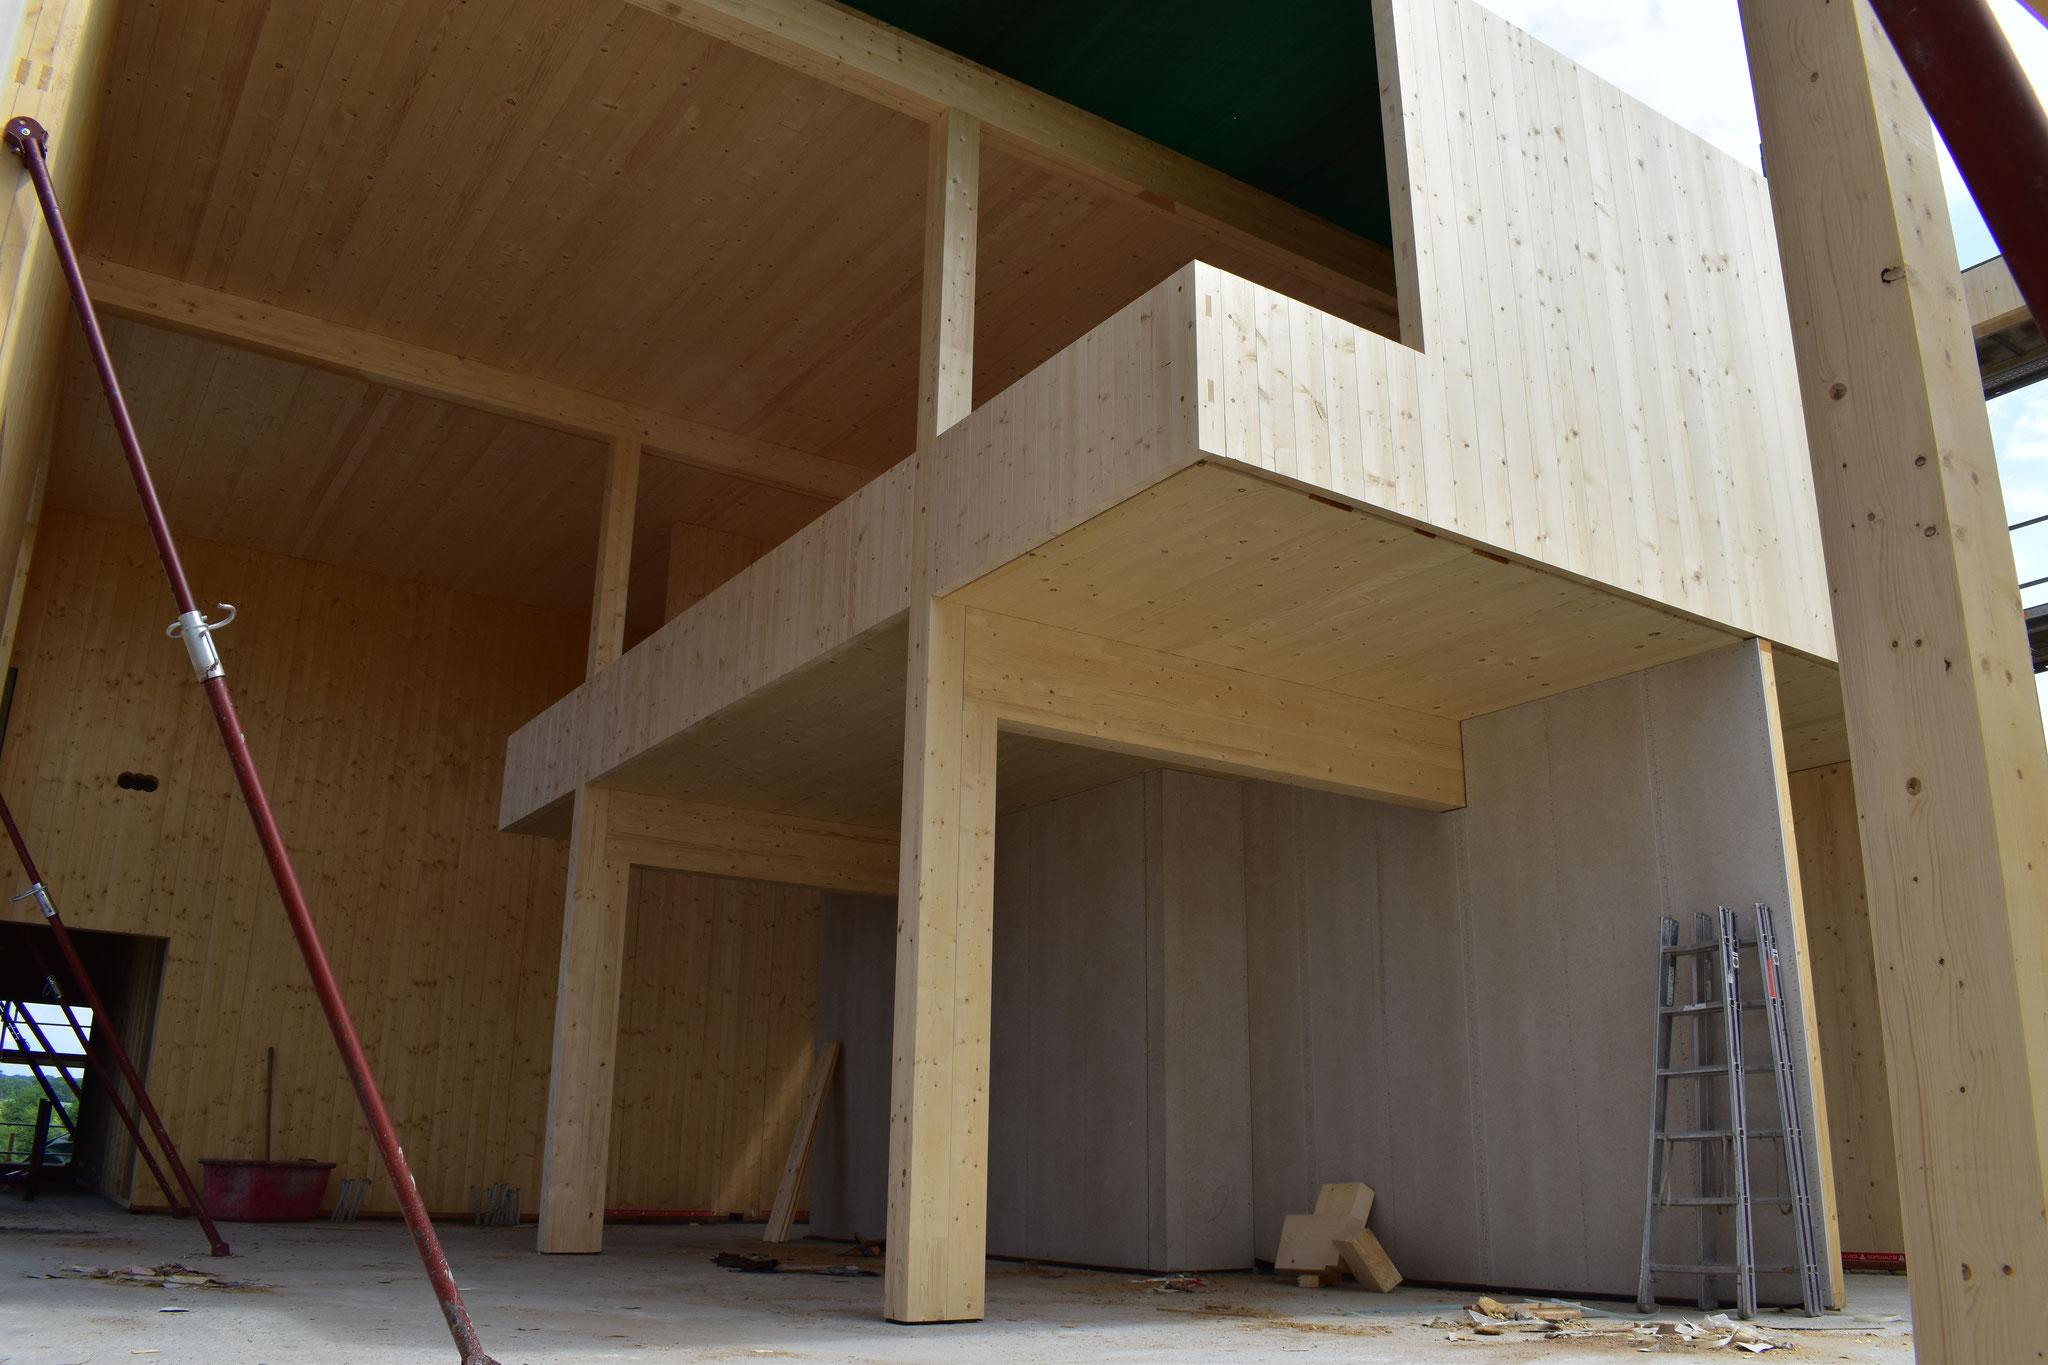 Bauteil 5 - Empfang und Galerie